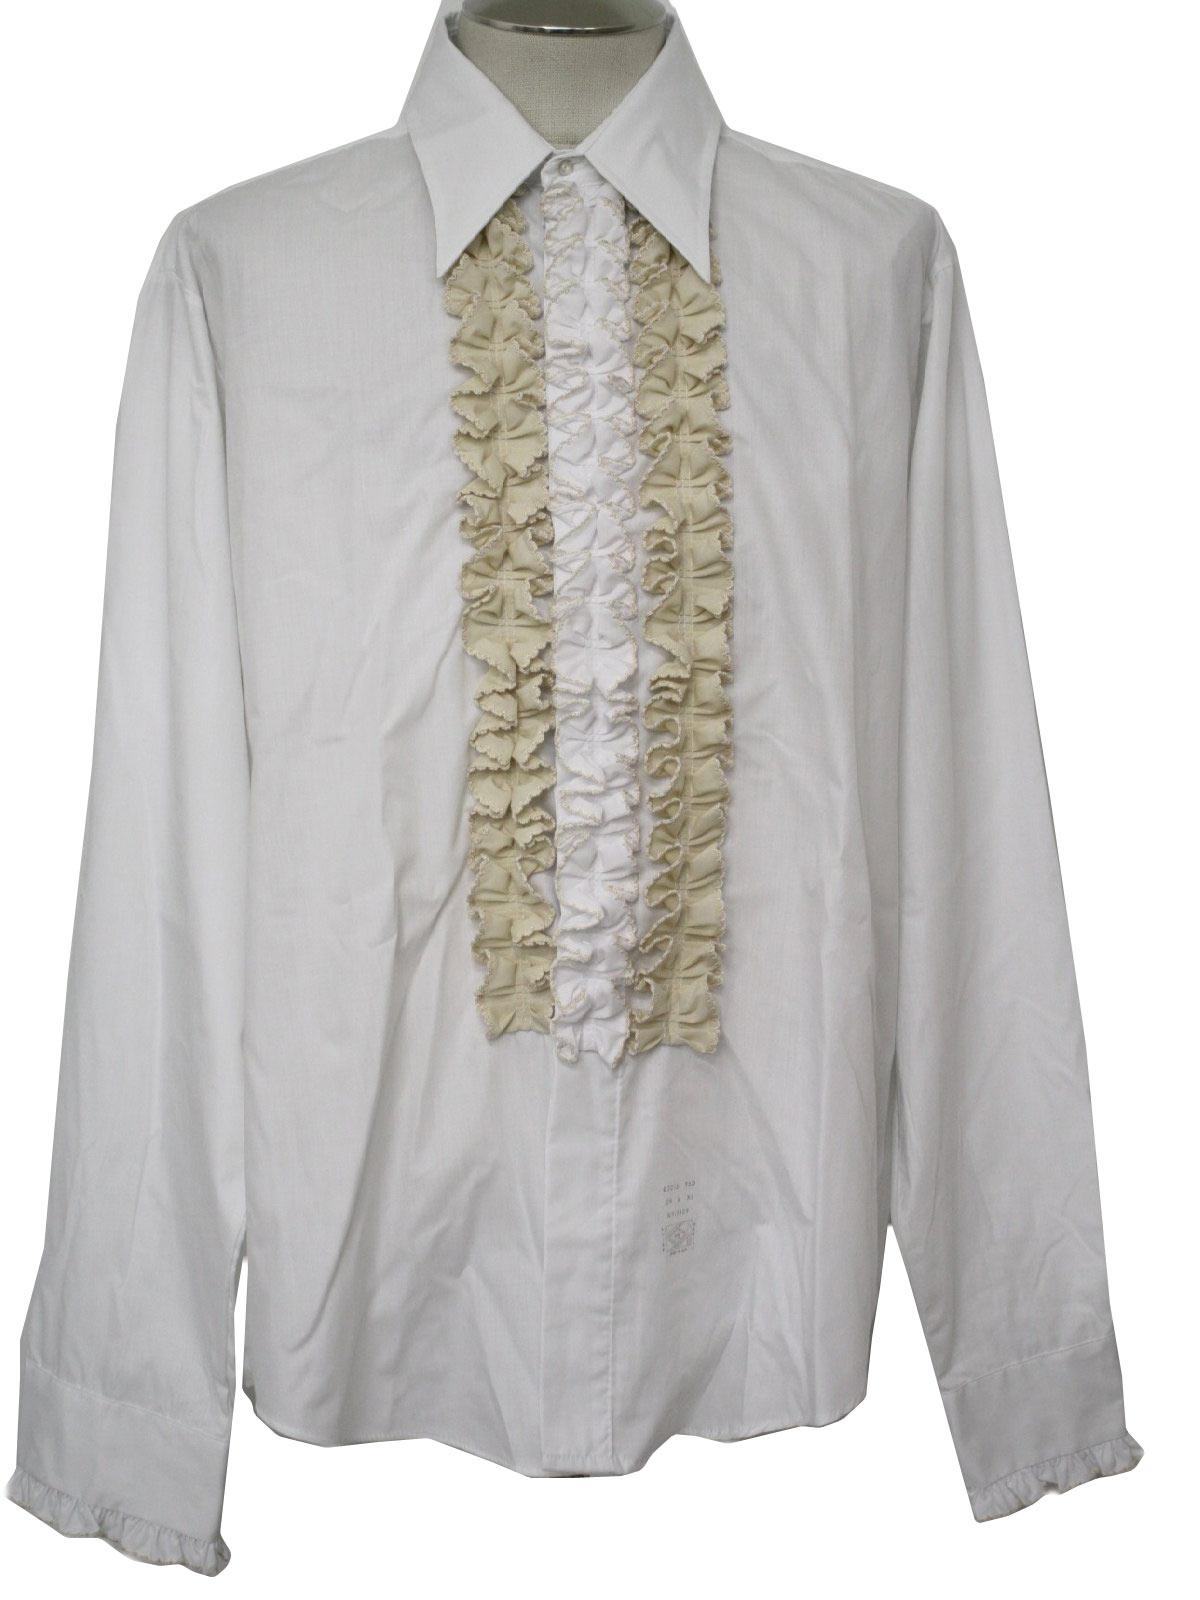 70s Retro Shirt 70s Palm Beach Formal Fashions Mens